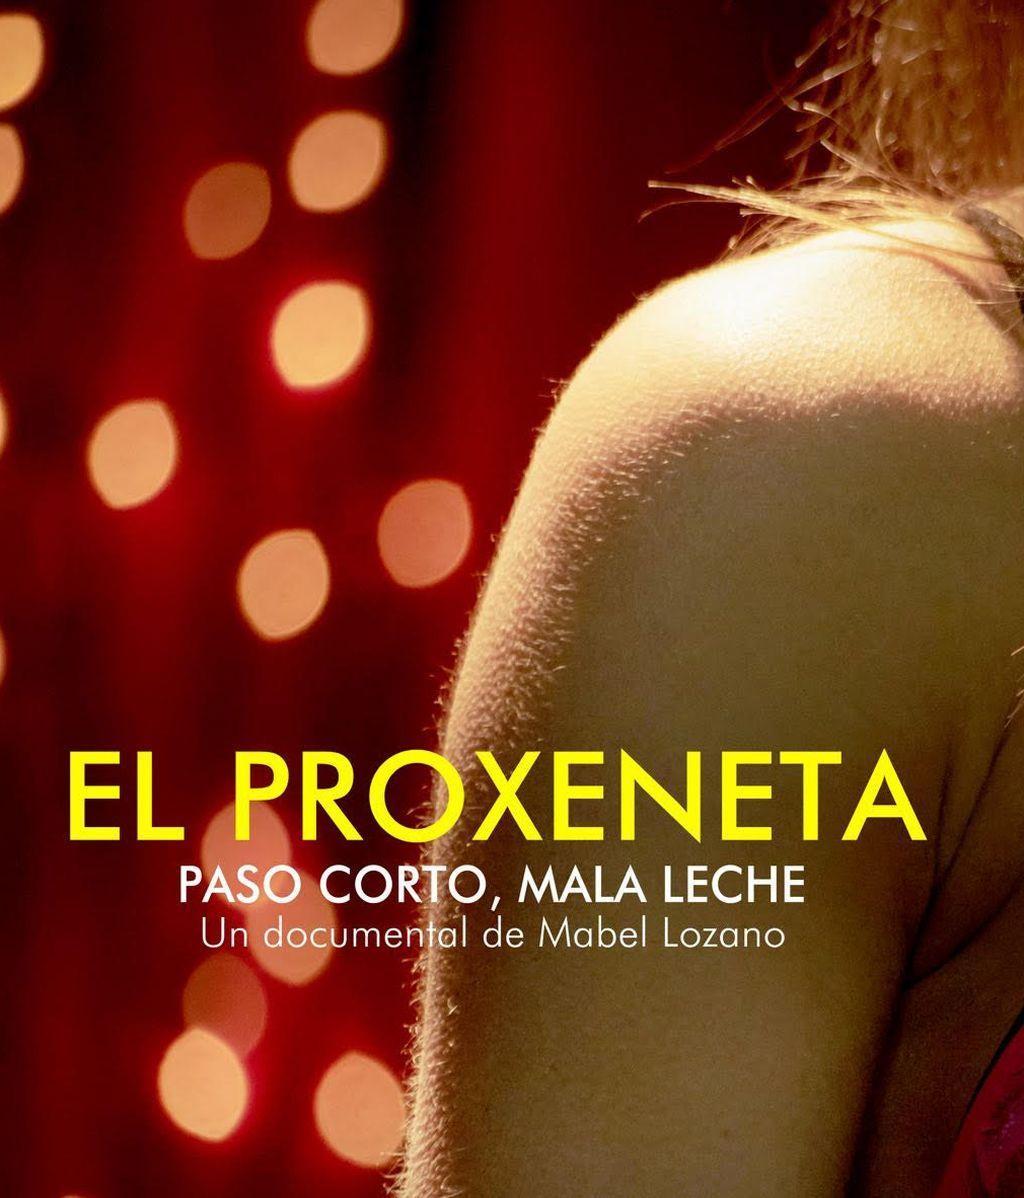 """Mabel lozano estrena El Proxeneta, paso corto, mala leche"""" primer documental que da voz al testimonio de un exproxeneta para contar cómo se sustenta este delito."""